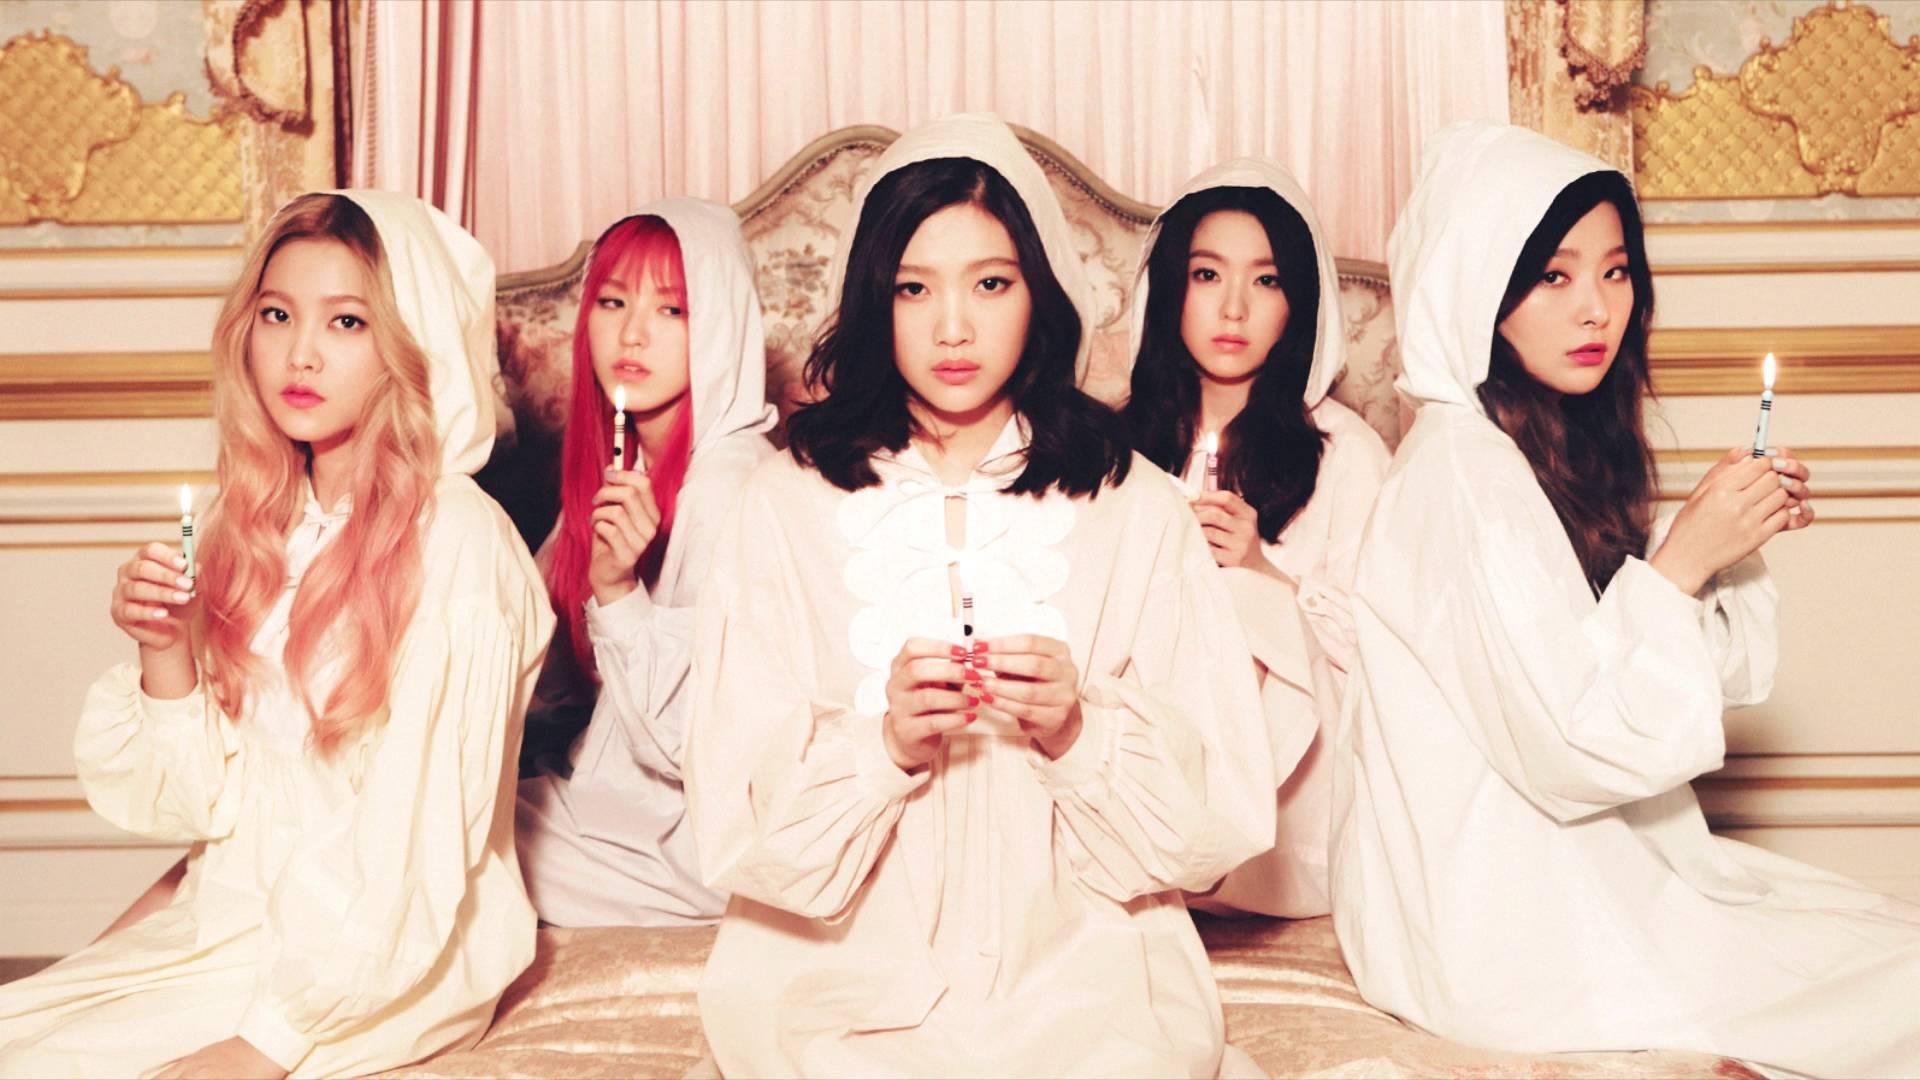 Sau lời nguyền 7 năm, Kpop lại có thêm lời nguyền bài hát thứ 5 - Ảnh 1.